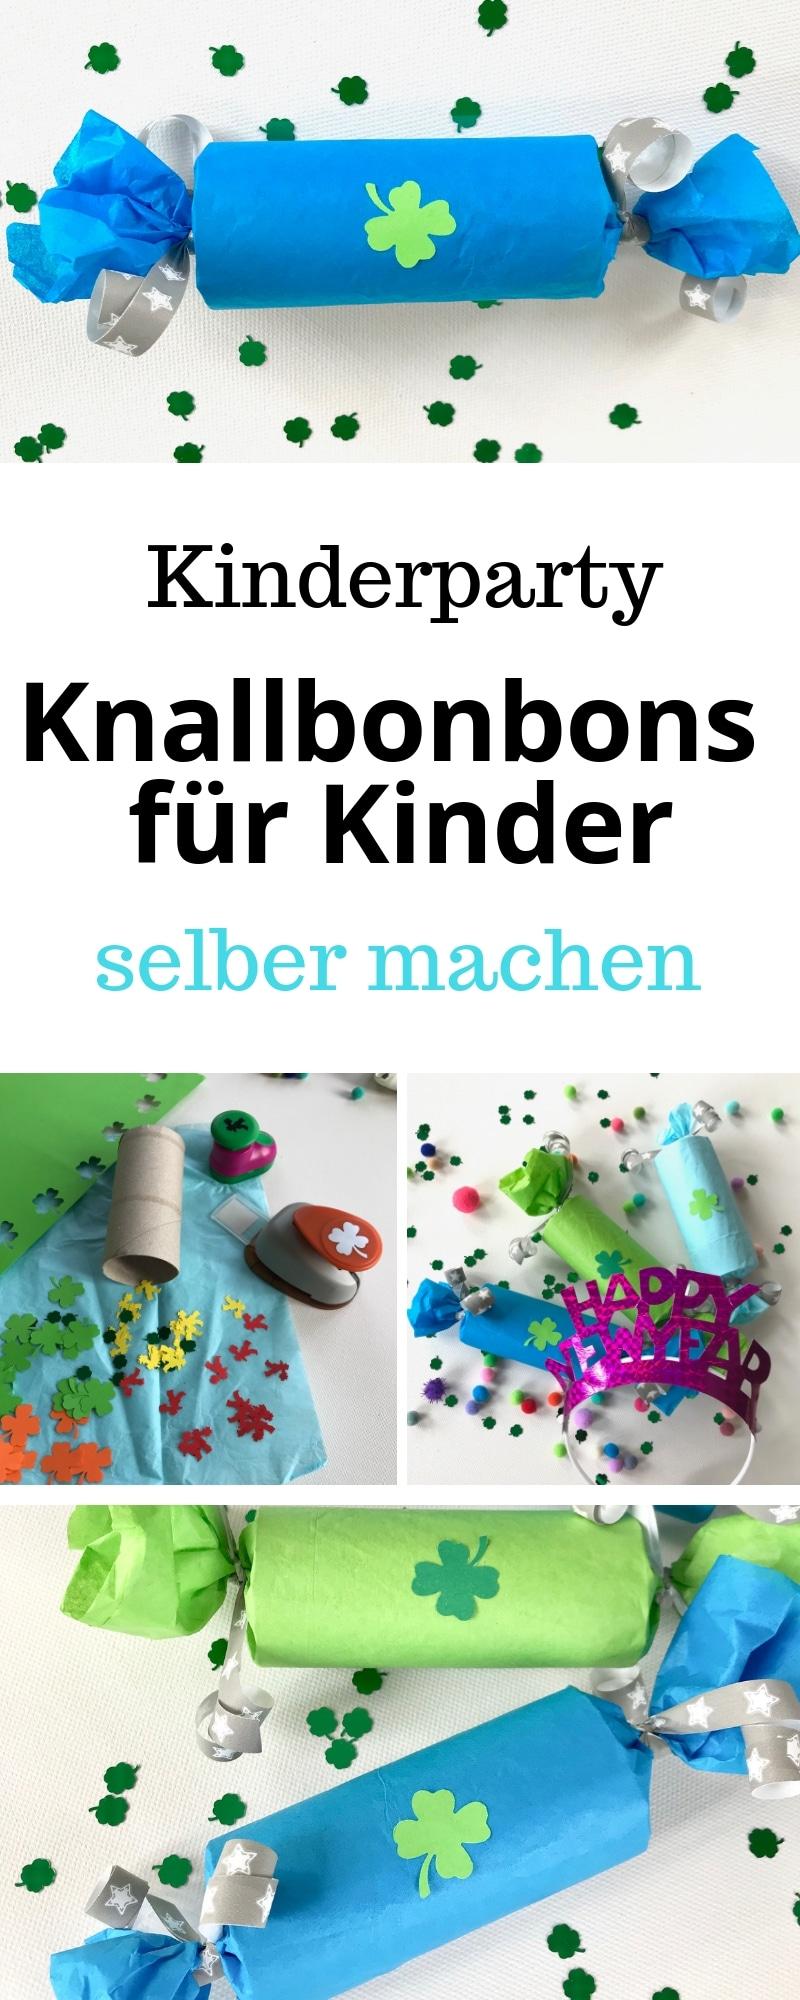 knallbonbons f r kinder mit berraschung und spielidee. Black Bedroom Furniture Sets. Home Design Ideas